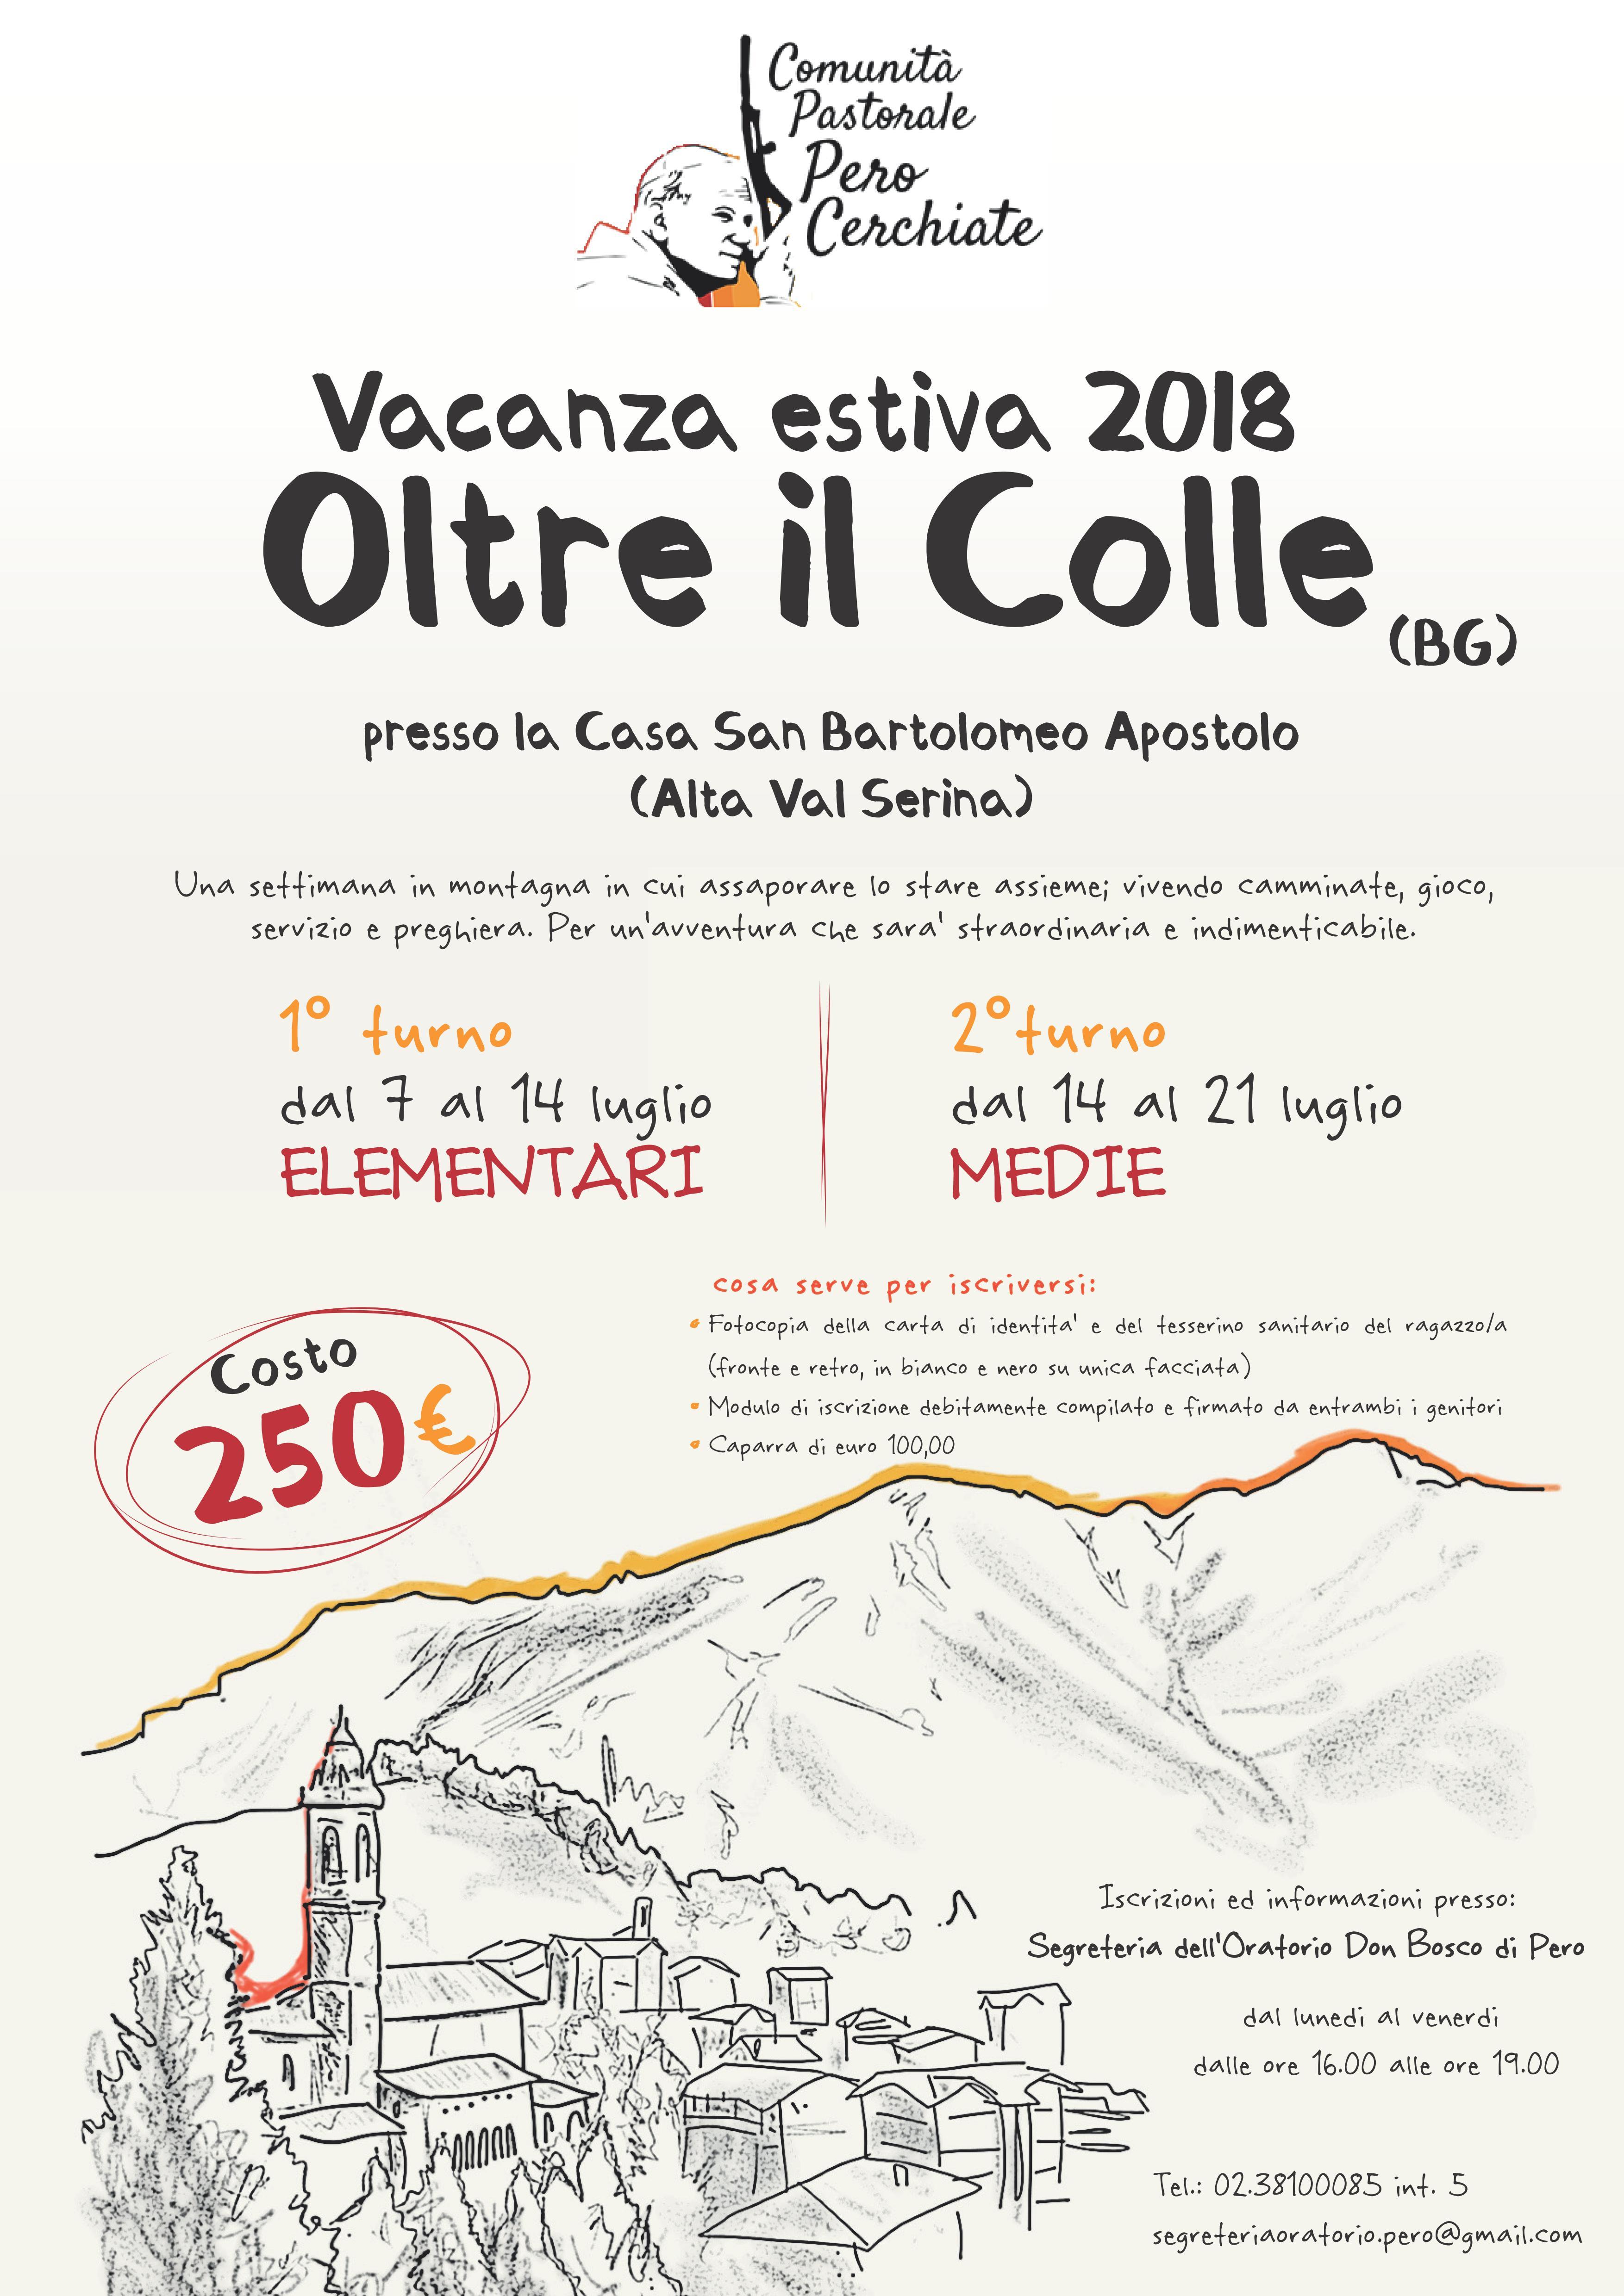 VACANZA ESTIVA A OLTRE IL COLLE (BG)